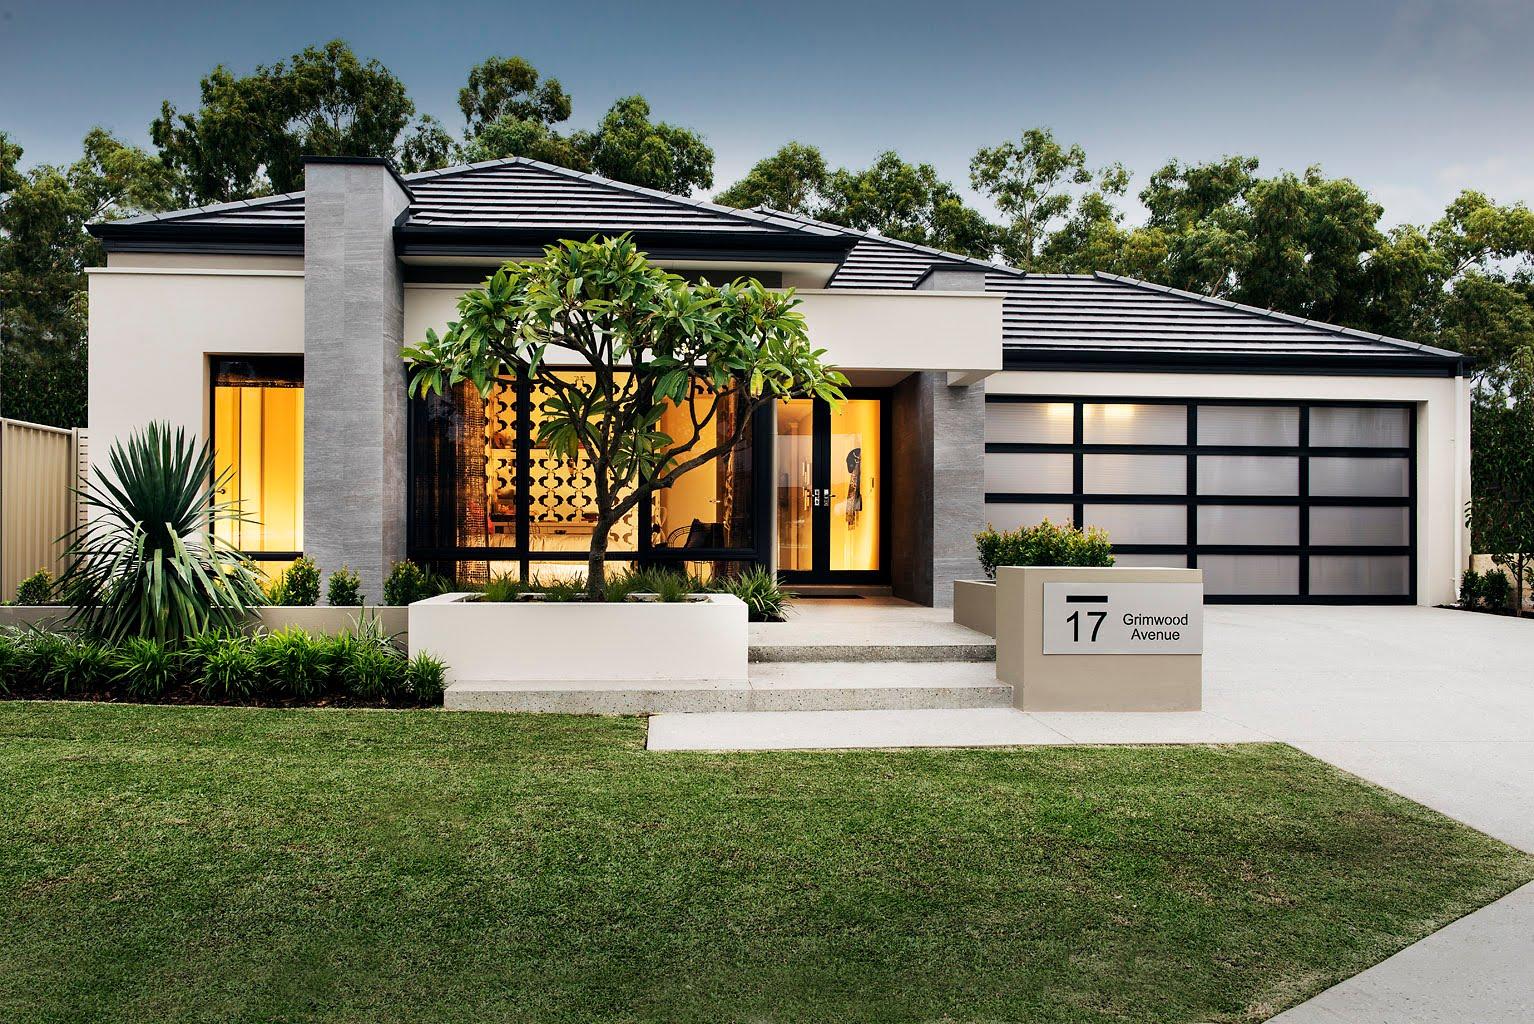 Modern Home Design The Millennials Home